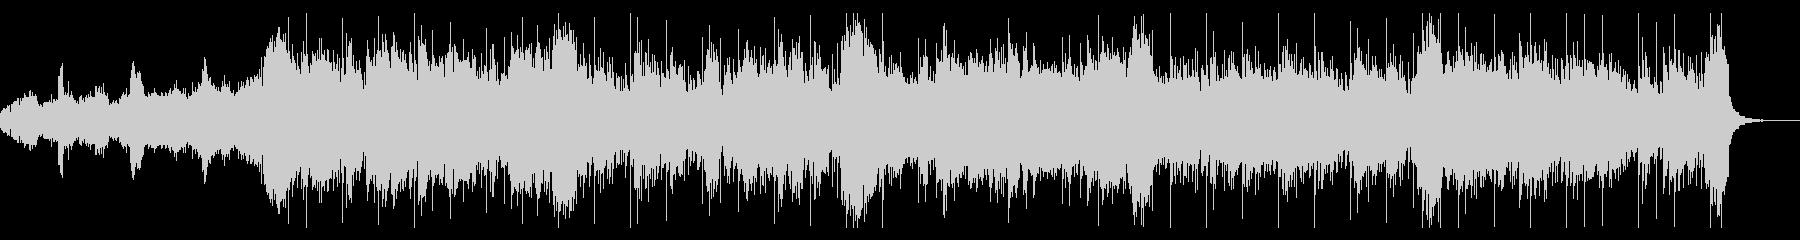 ダークなテクスチャアトモスの未再生の波形